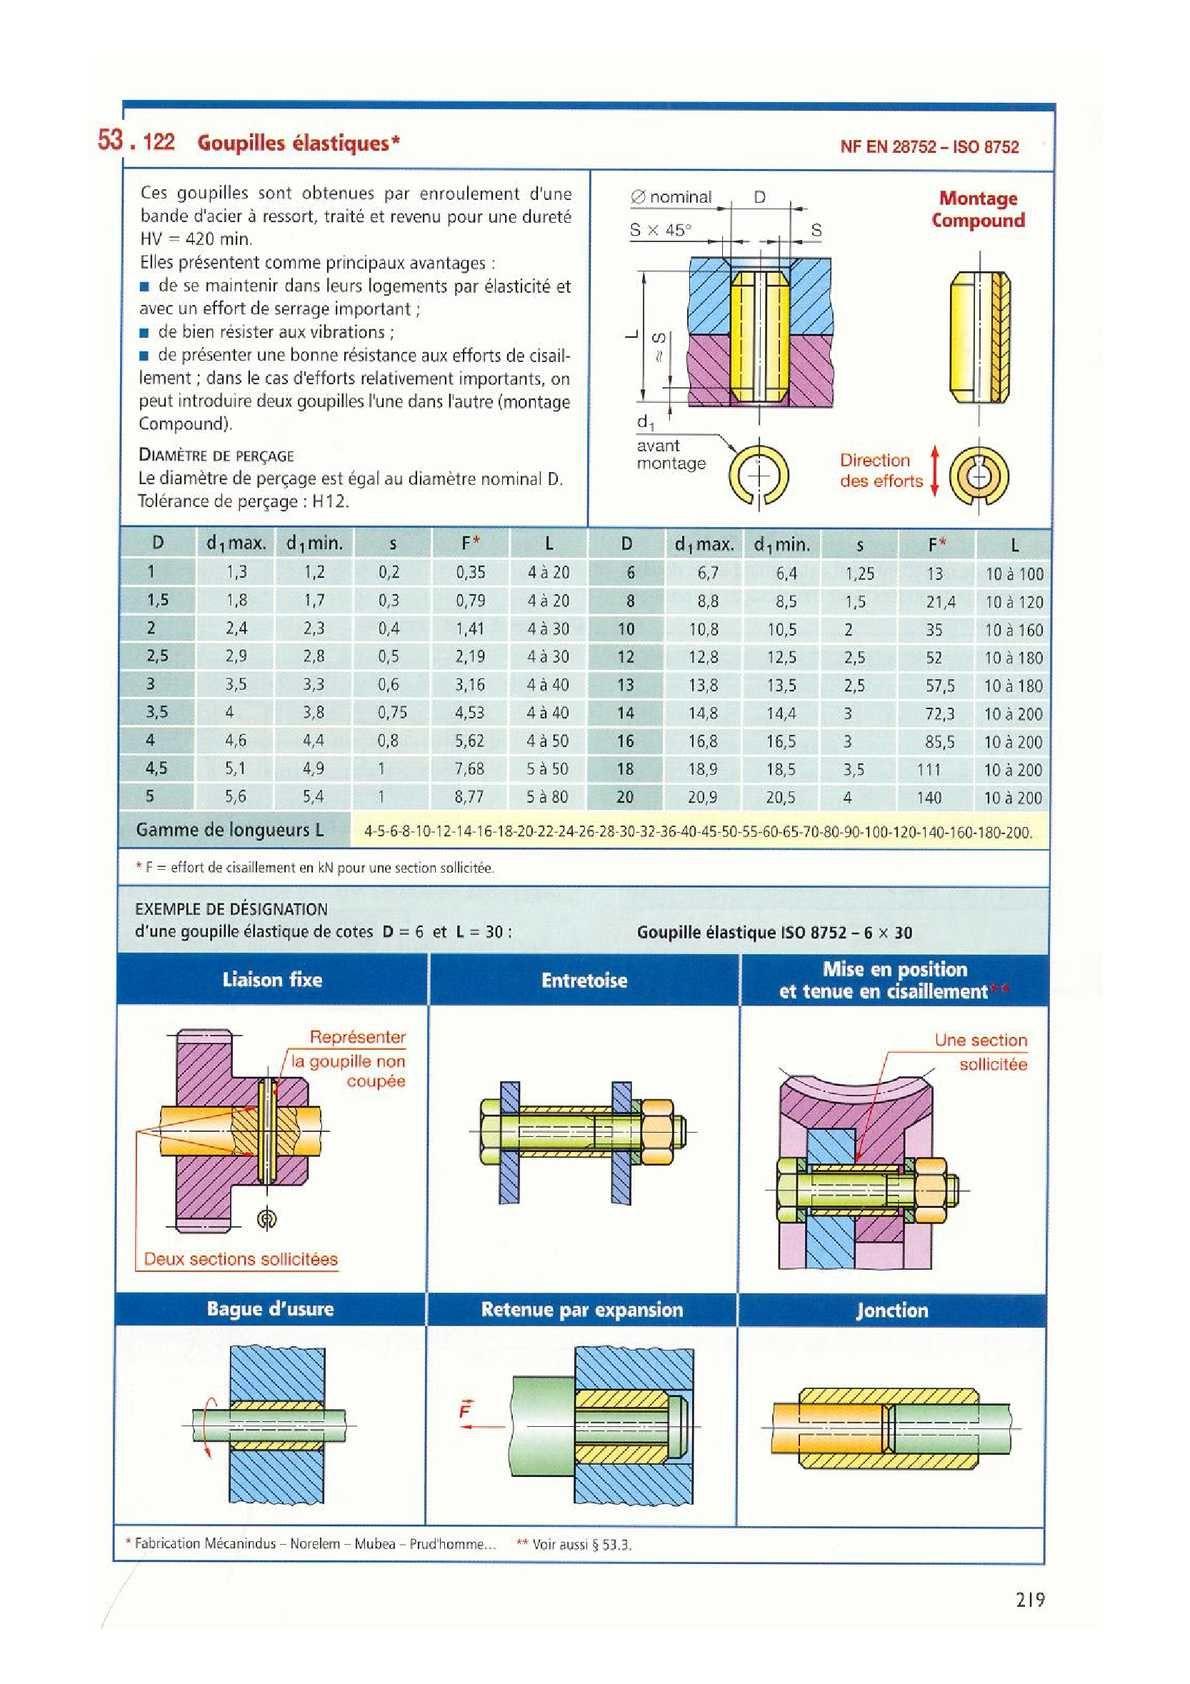 Guide Du Dessinateur Industriel Pdf : guide, dessinateur, industriel, Guide, Dessinateur, Industriel, Chevalier, Gratuit